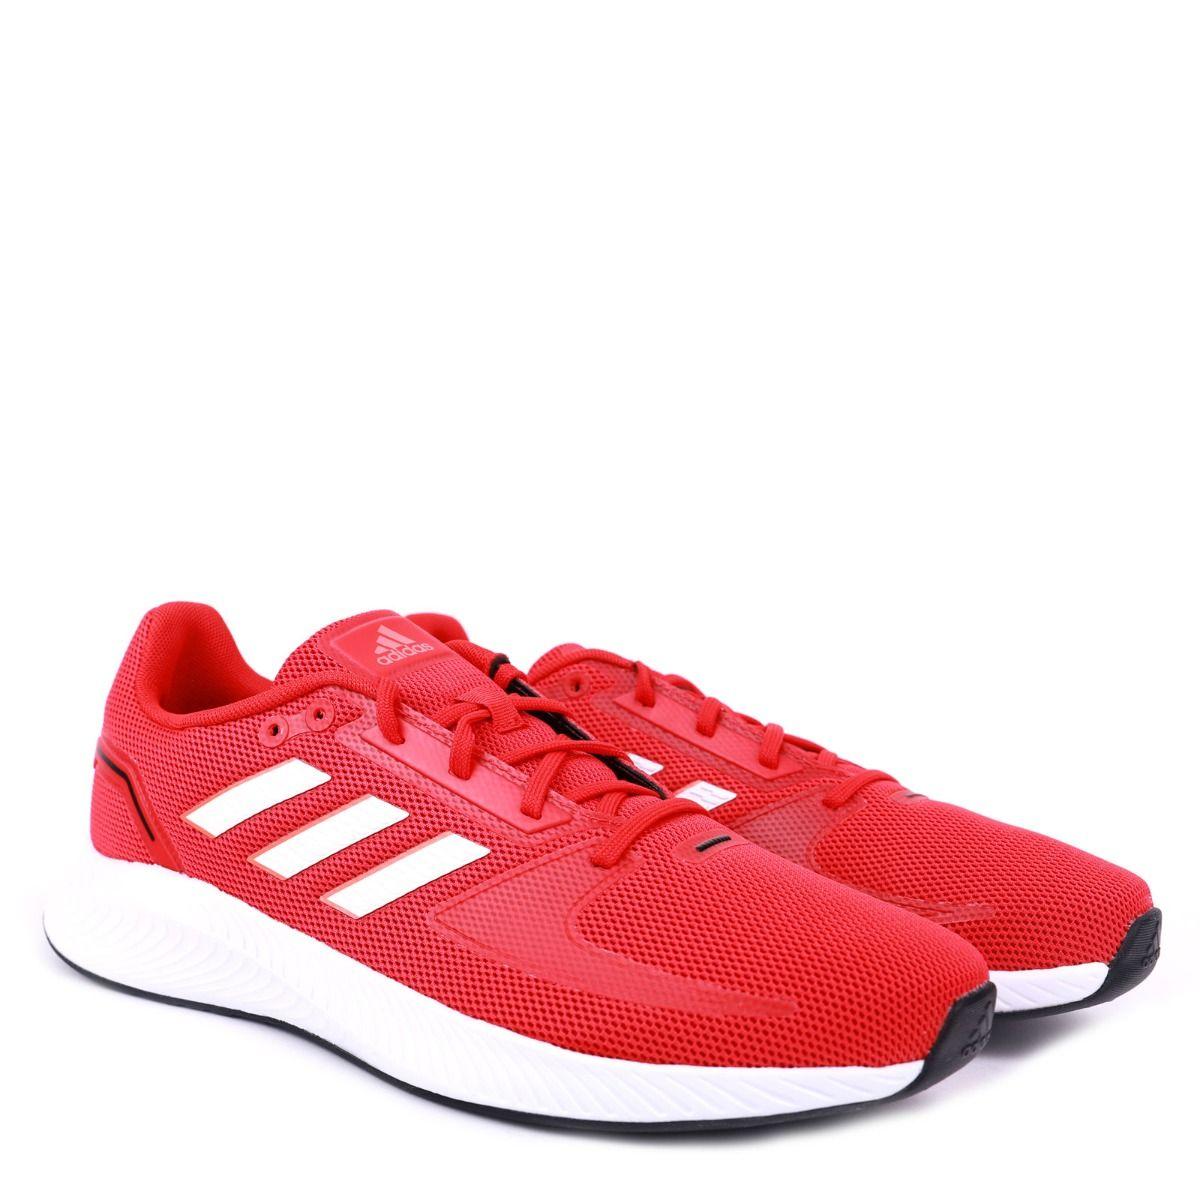 Adidas Runfalcon 2.0 FZ2805 ΚΟΚΚΙΝΟ